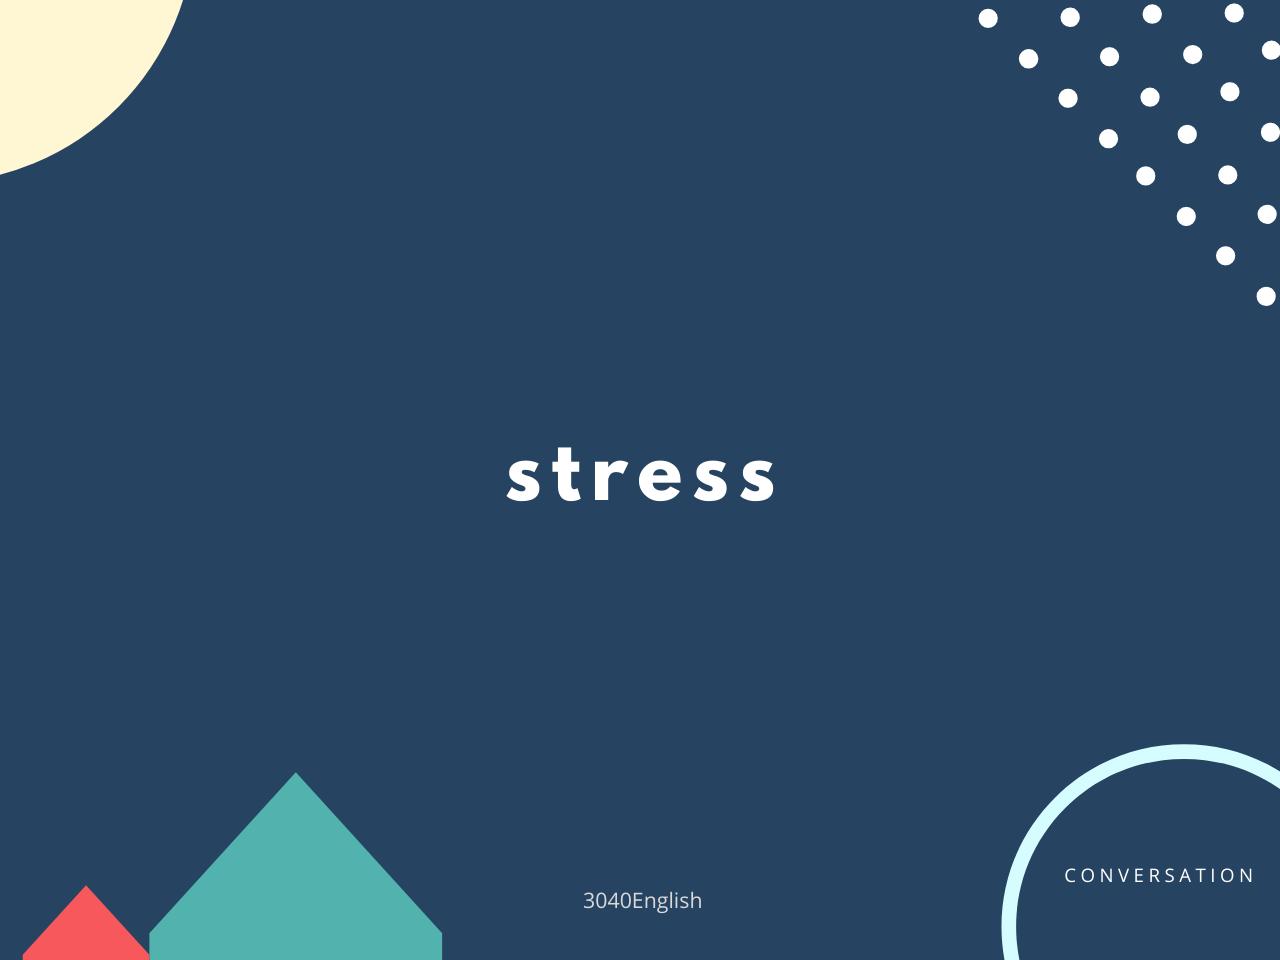 「ストレス解消」「ストレスに対処する」の英語表現4選【英会話用例文あり】